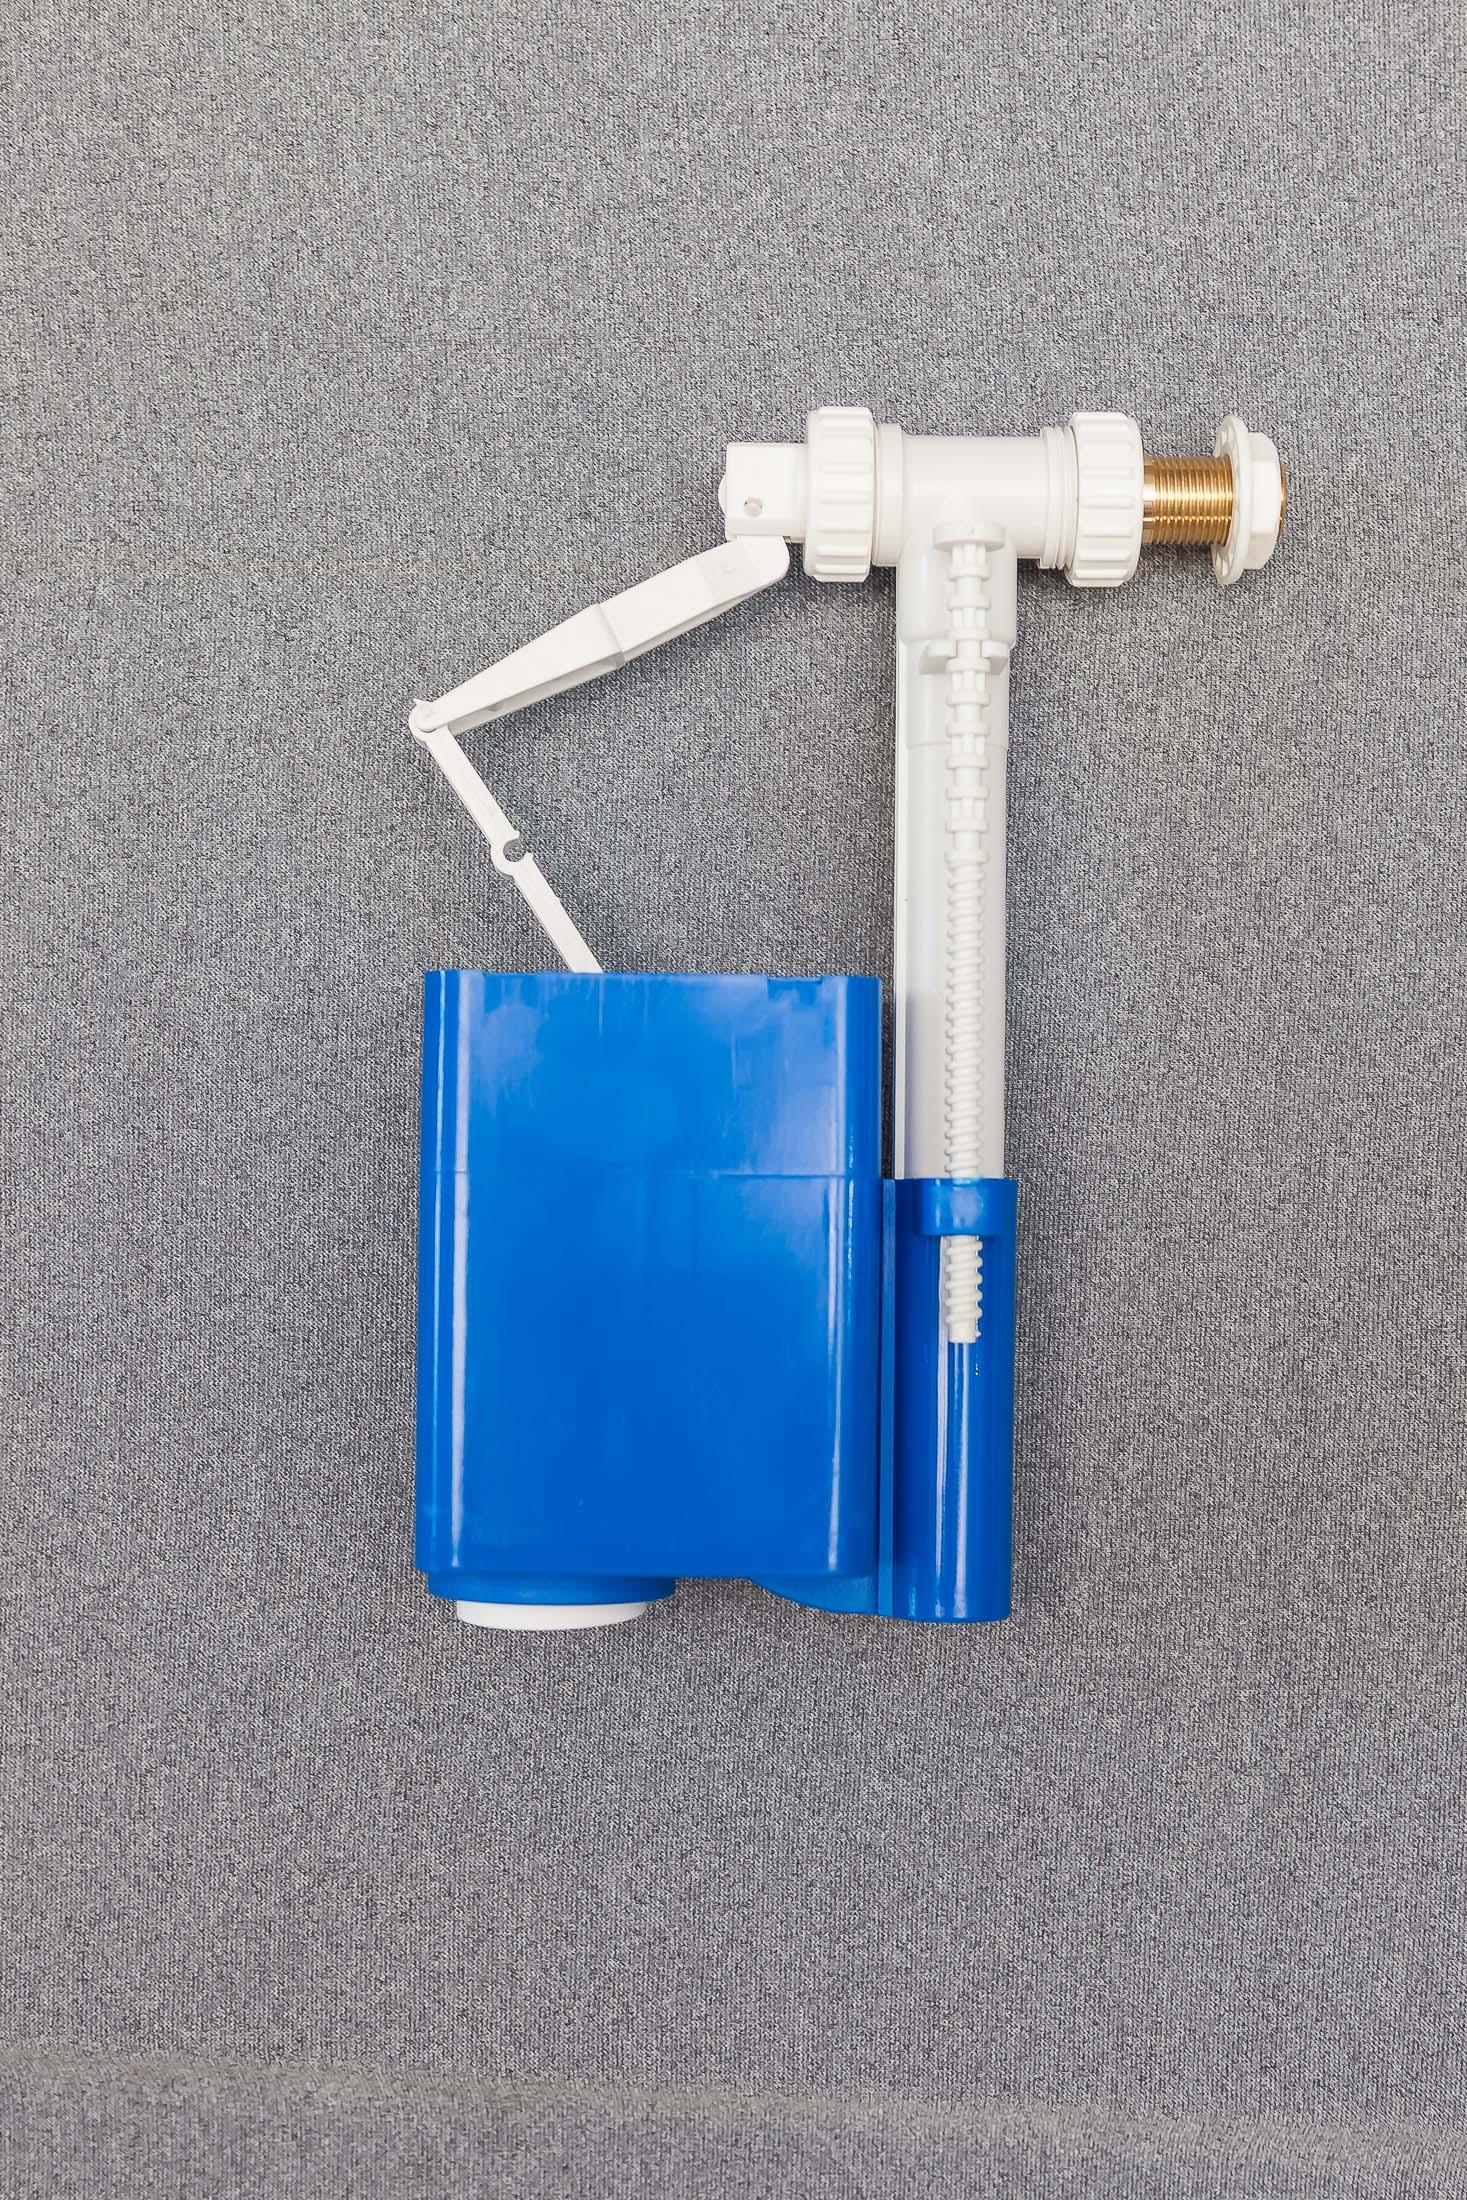 meccanismo di scarico per toilette